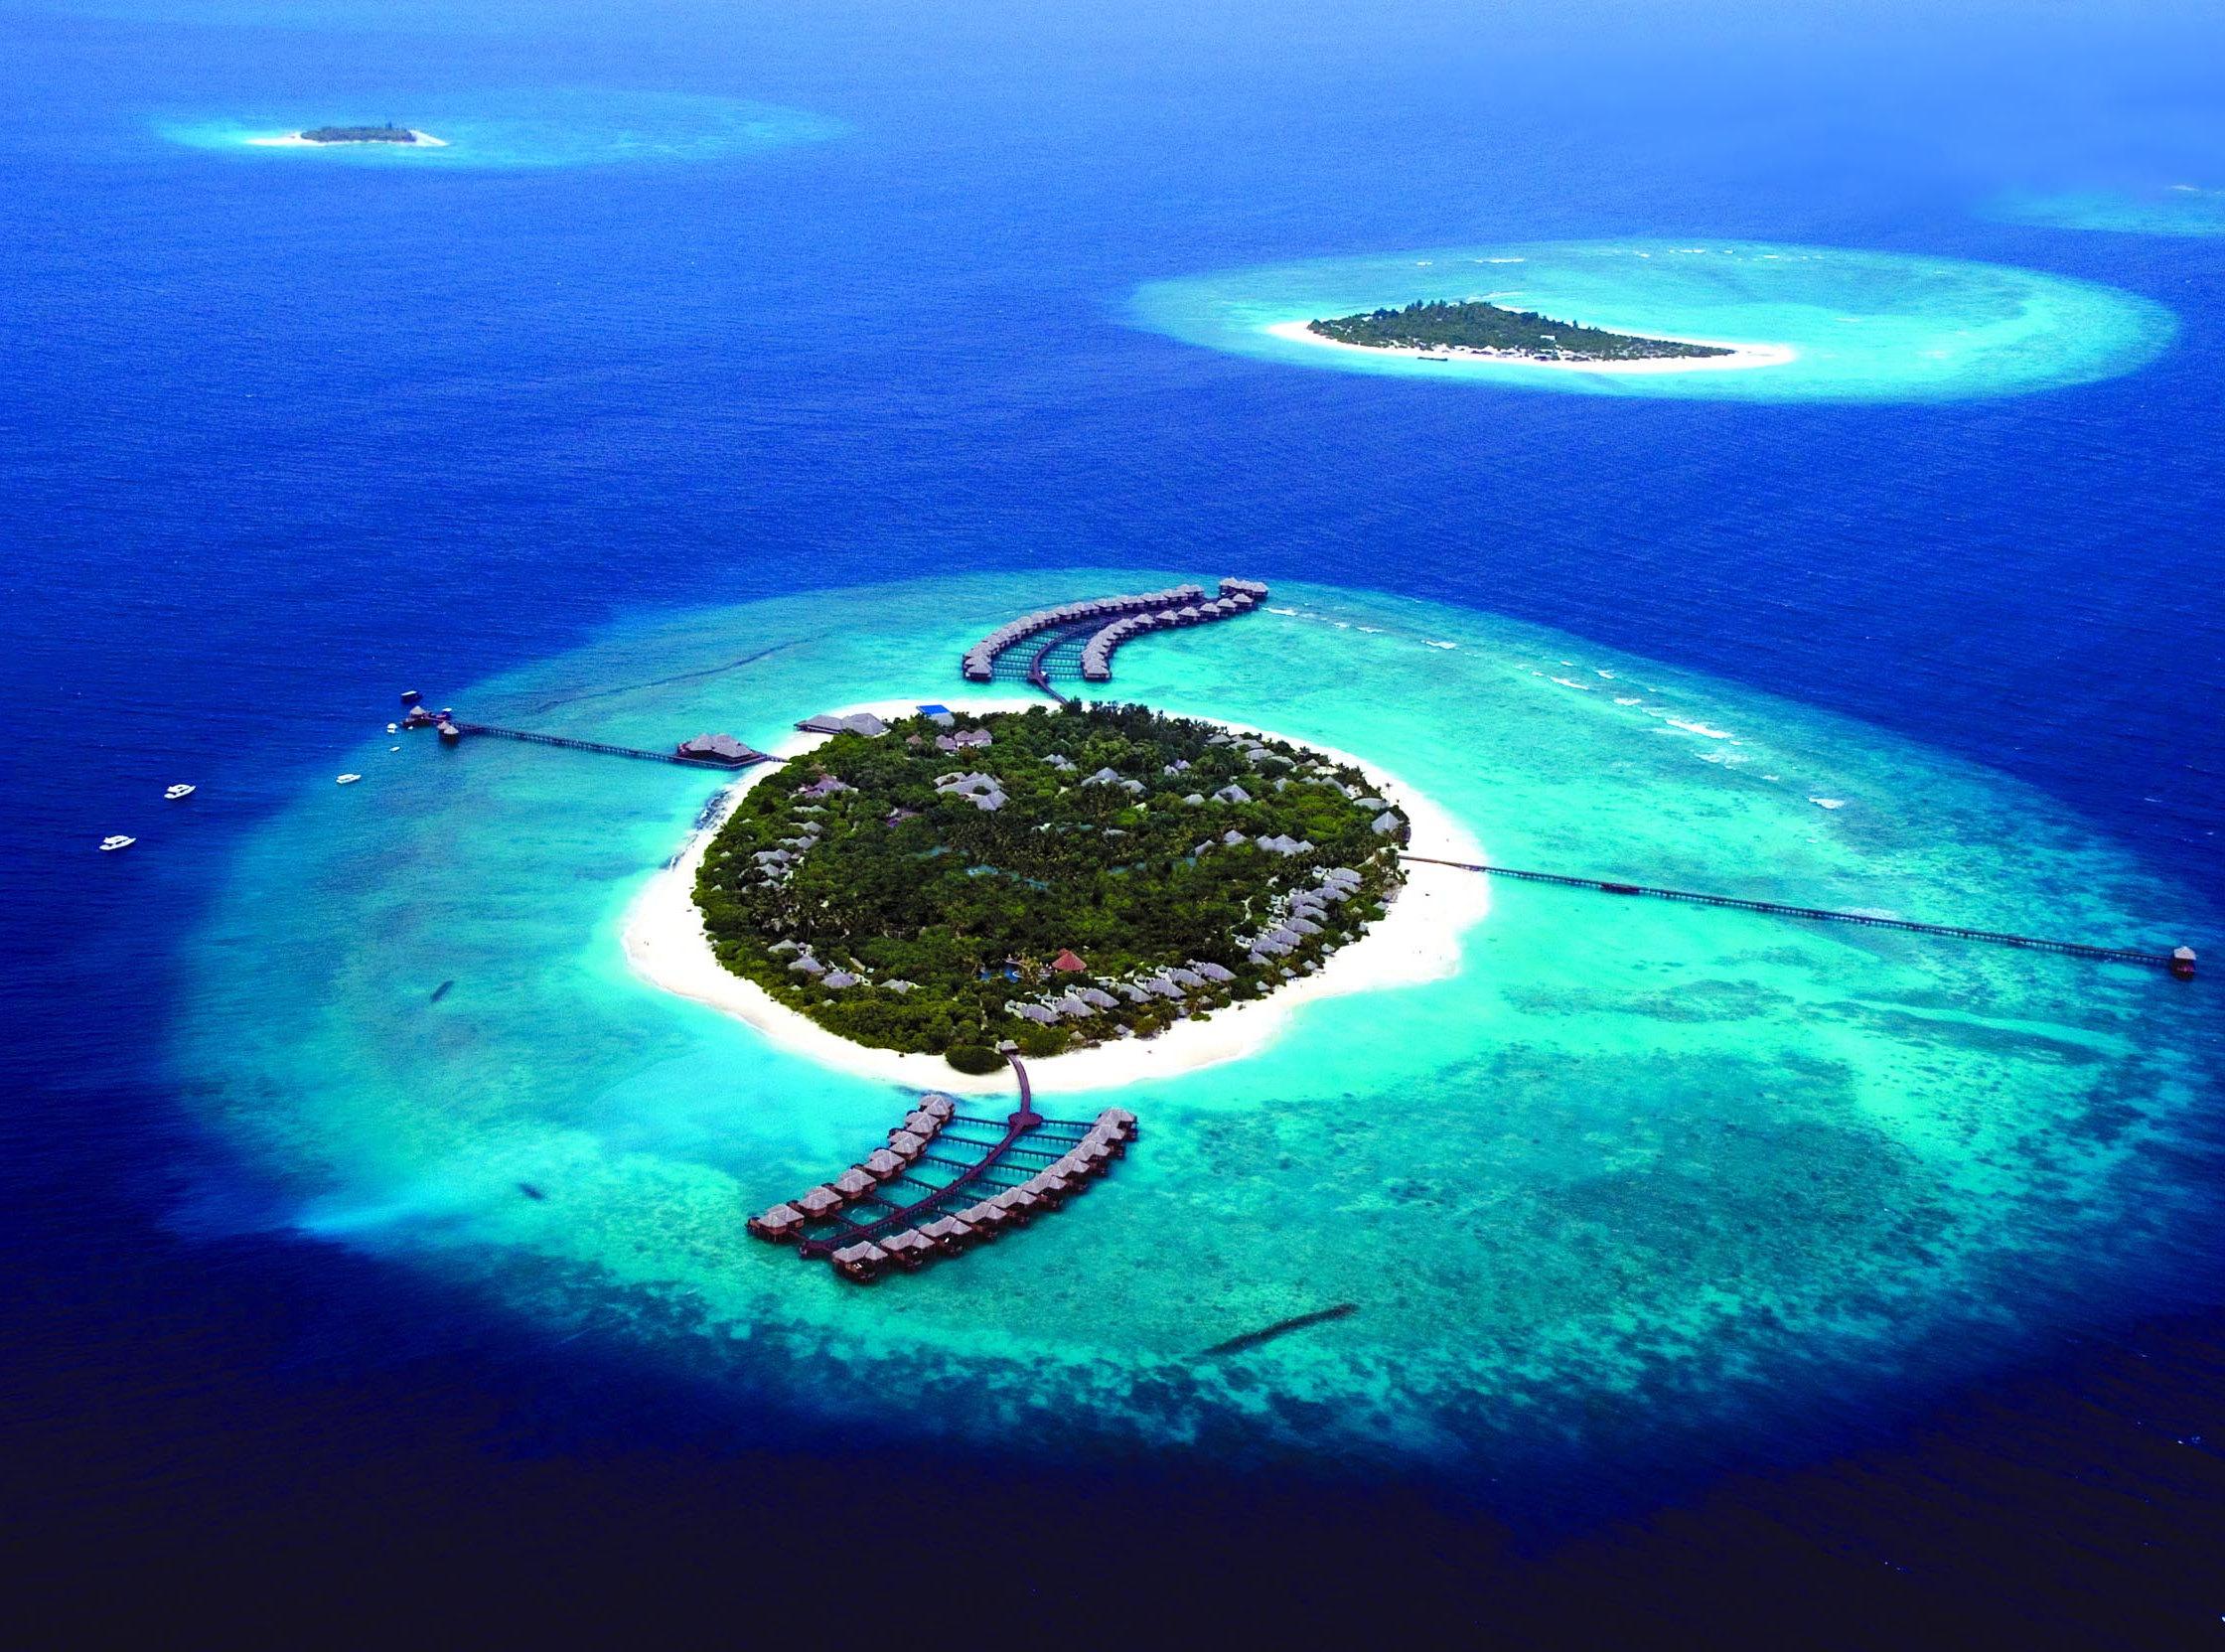 malediven flitterwochen buchen urlaub hotel angebote reservierung. Black Bedroom Furniture Sets. Home Design Ideas